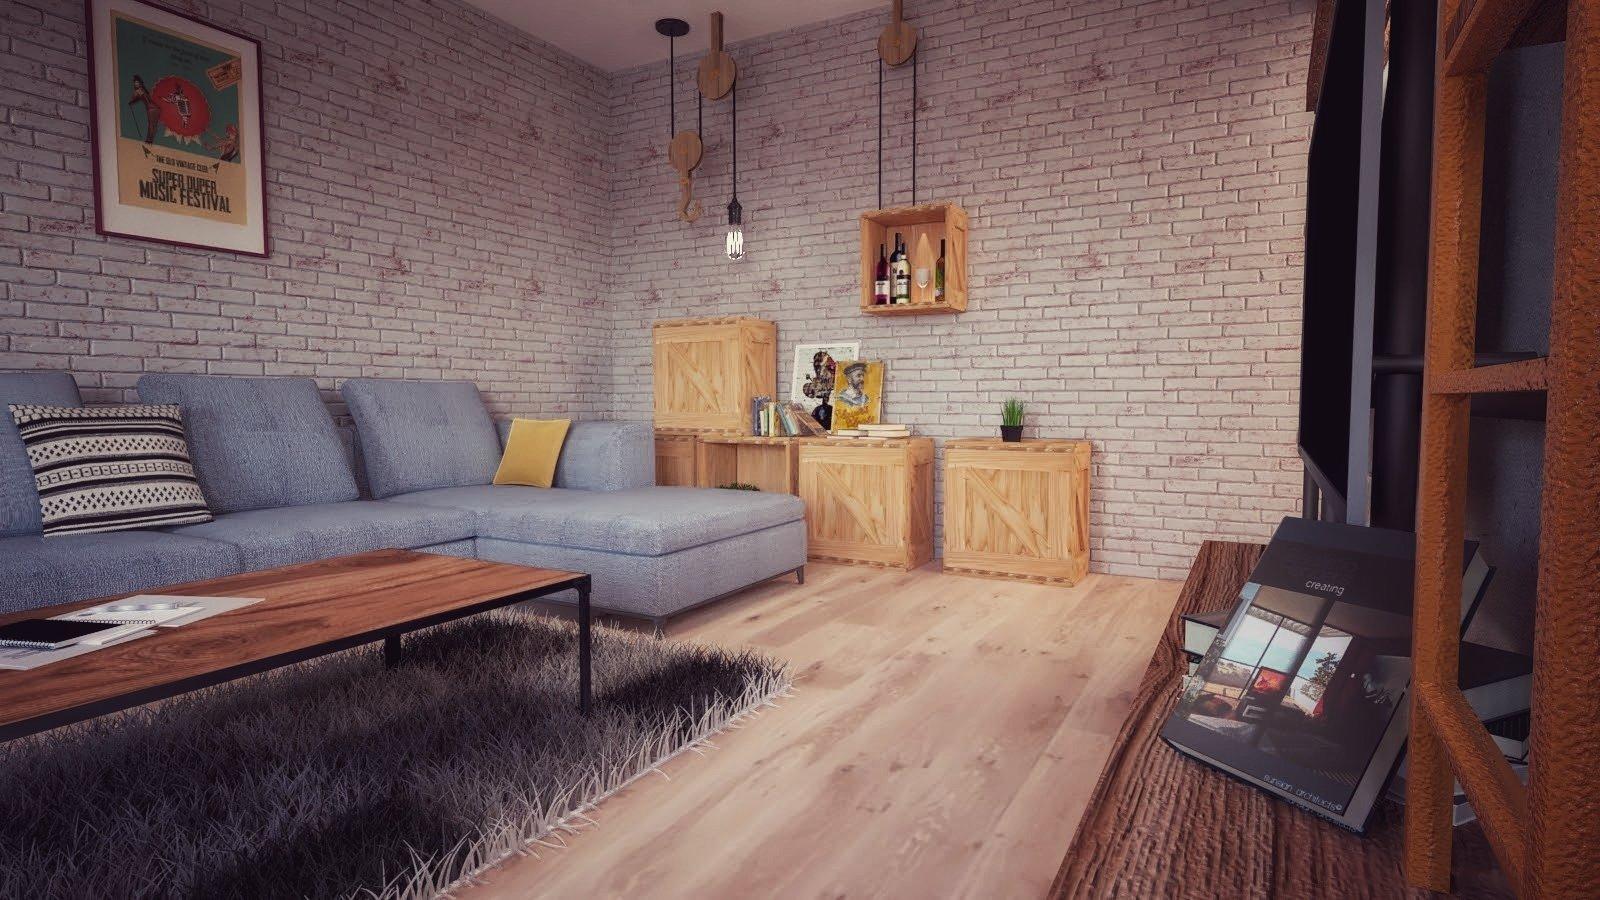 Mladý manželský pár chcel poradiť s riešením bytu.Majú radi industriálny štýl, no zároveň chceli niečo nápadité, niečo čo ľudí prekvapí. Veľa prvkov mali…